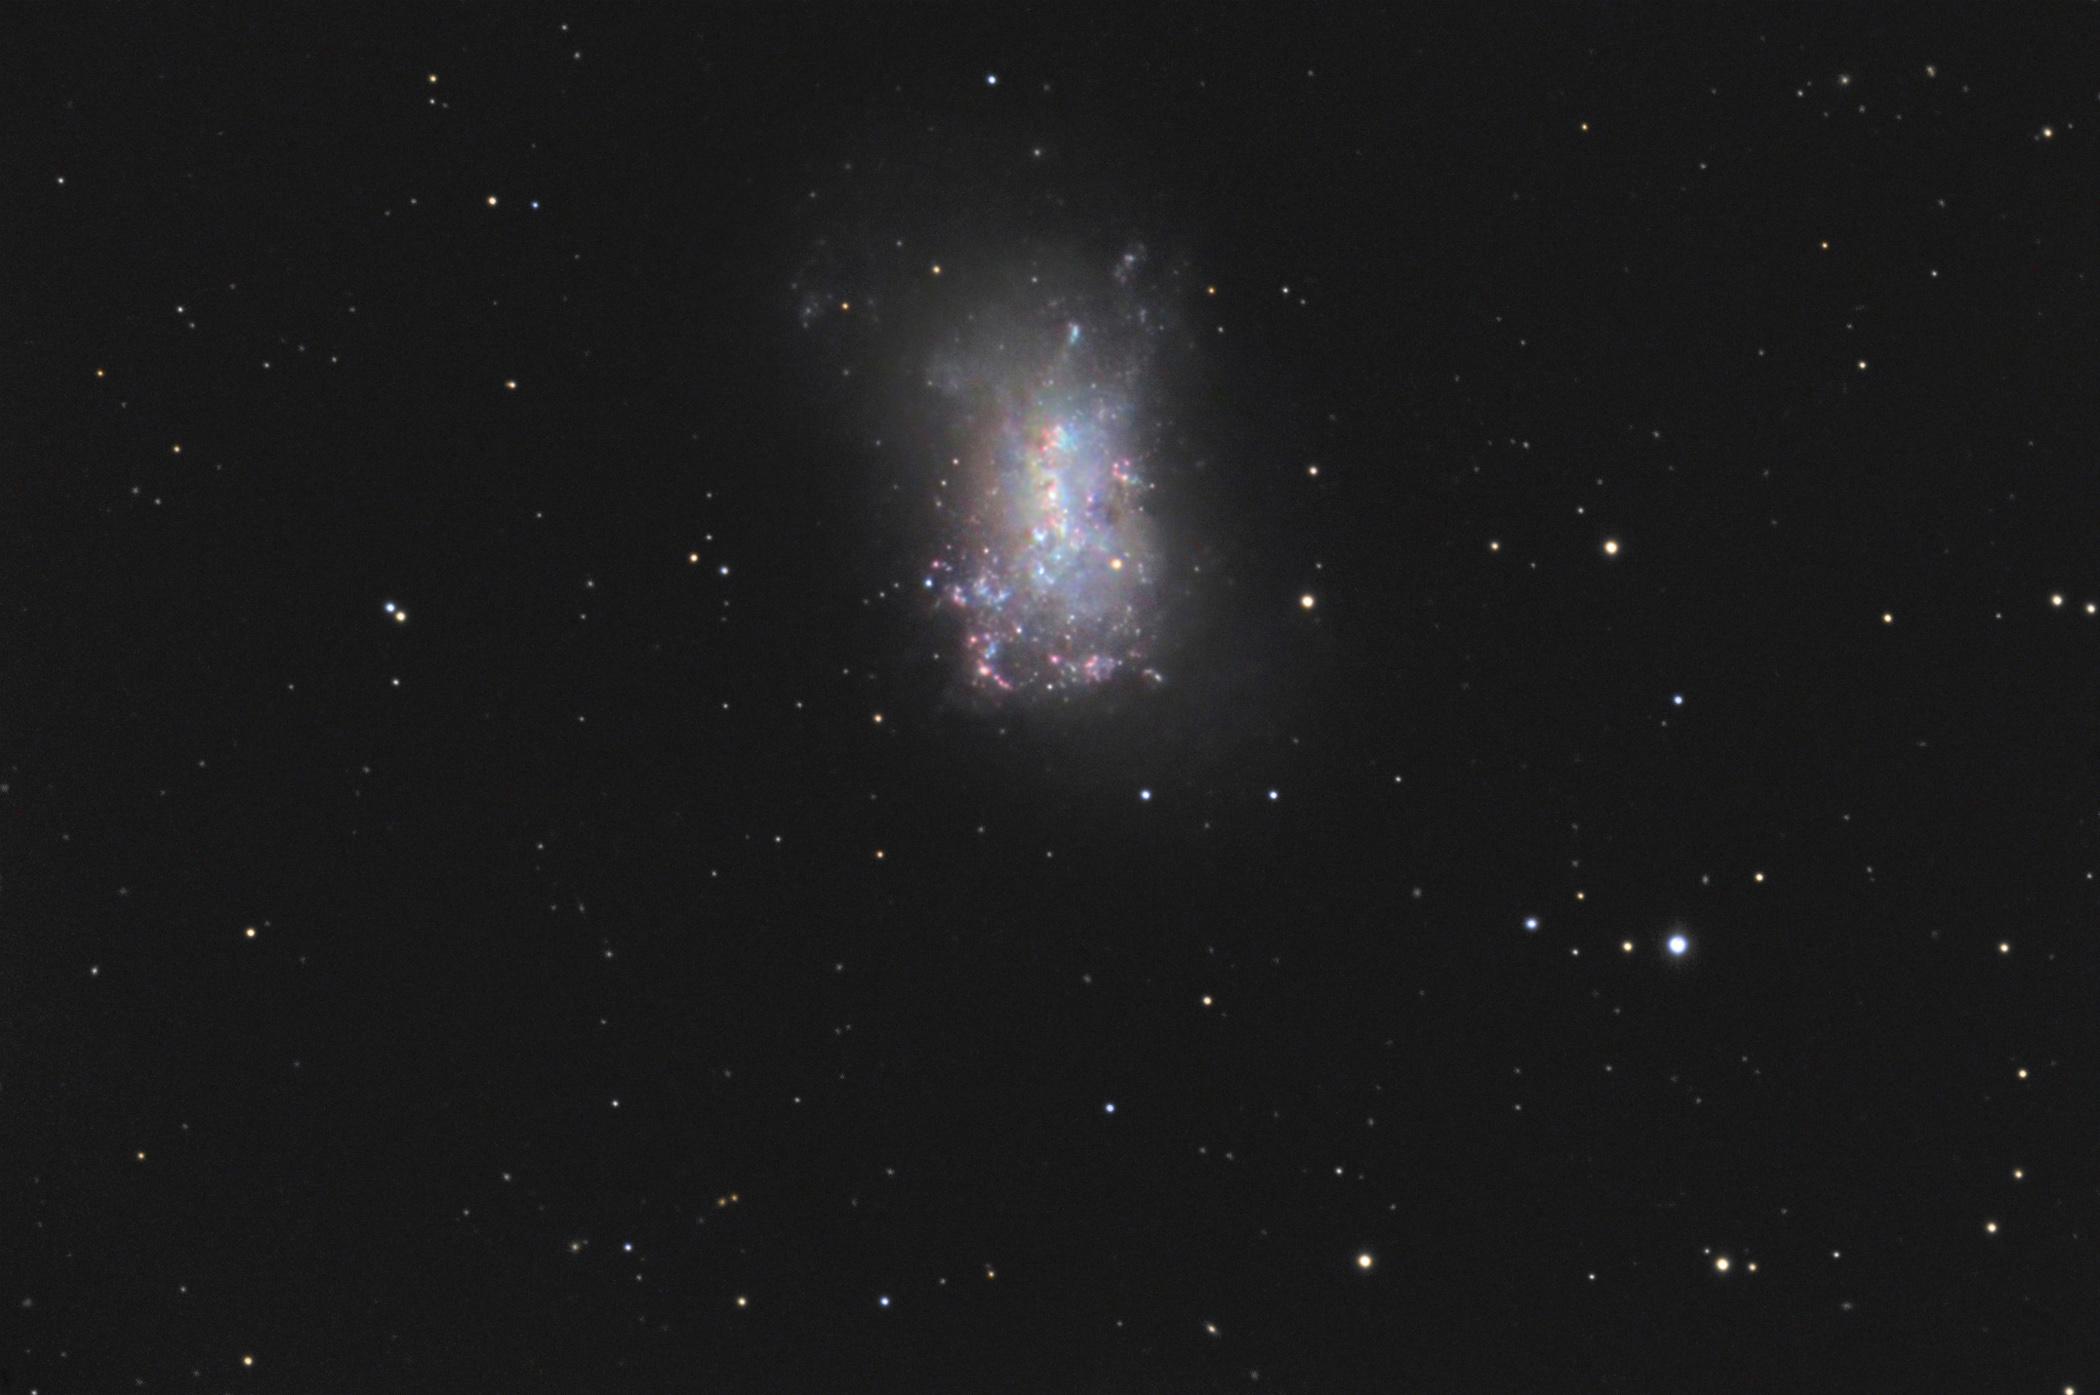 n4449_c11.jpg